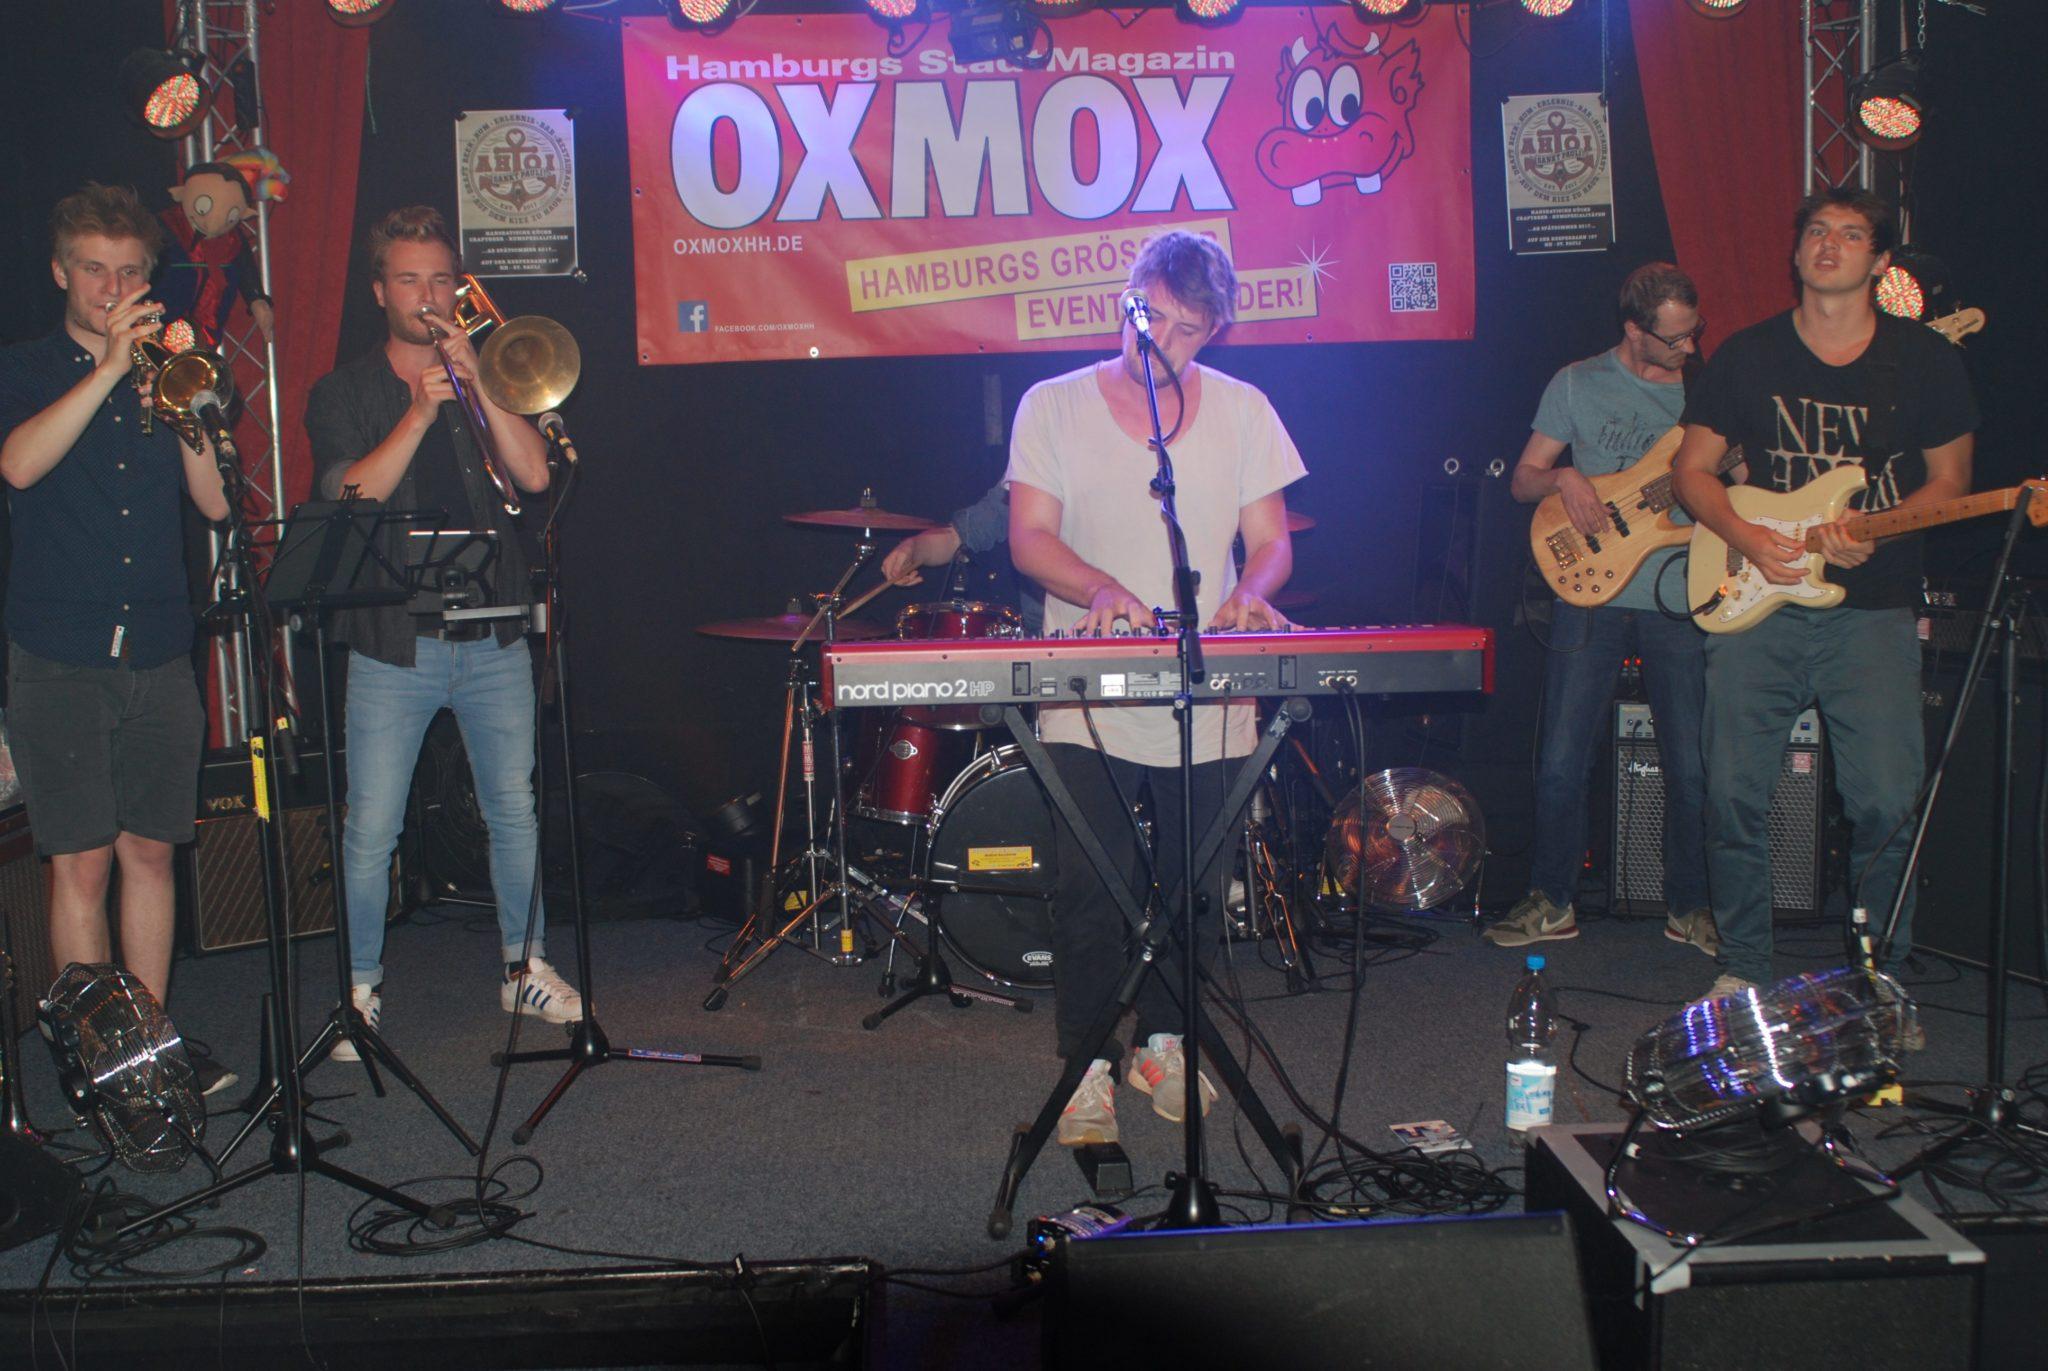 DSC 3277 - OXMOX PRESENTS: EXKL. FOTOS DES 32. HAMBURG-BANDCONTEST HALBFINALES (06.07.17)